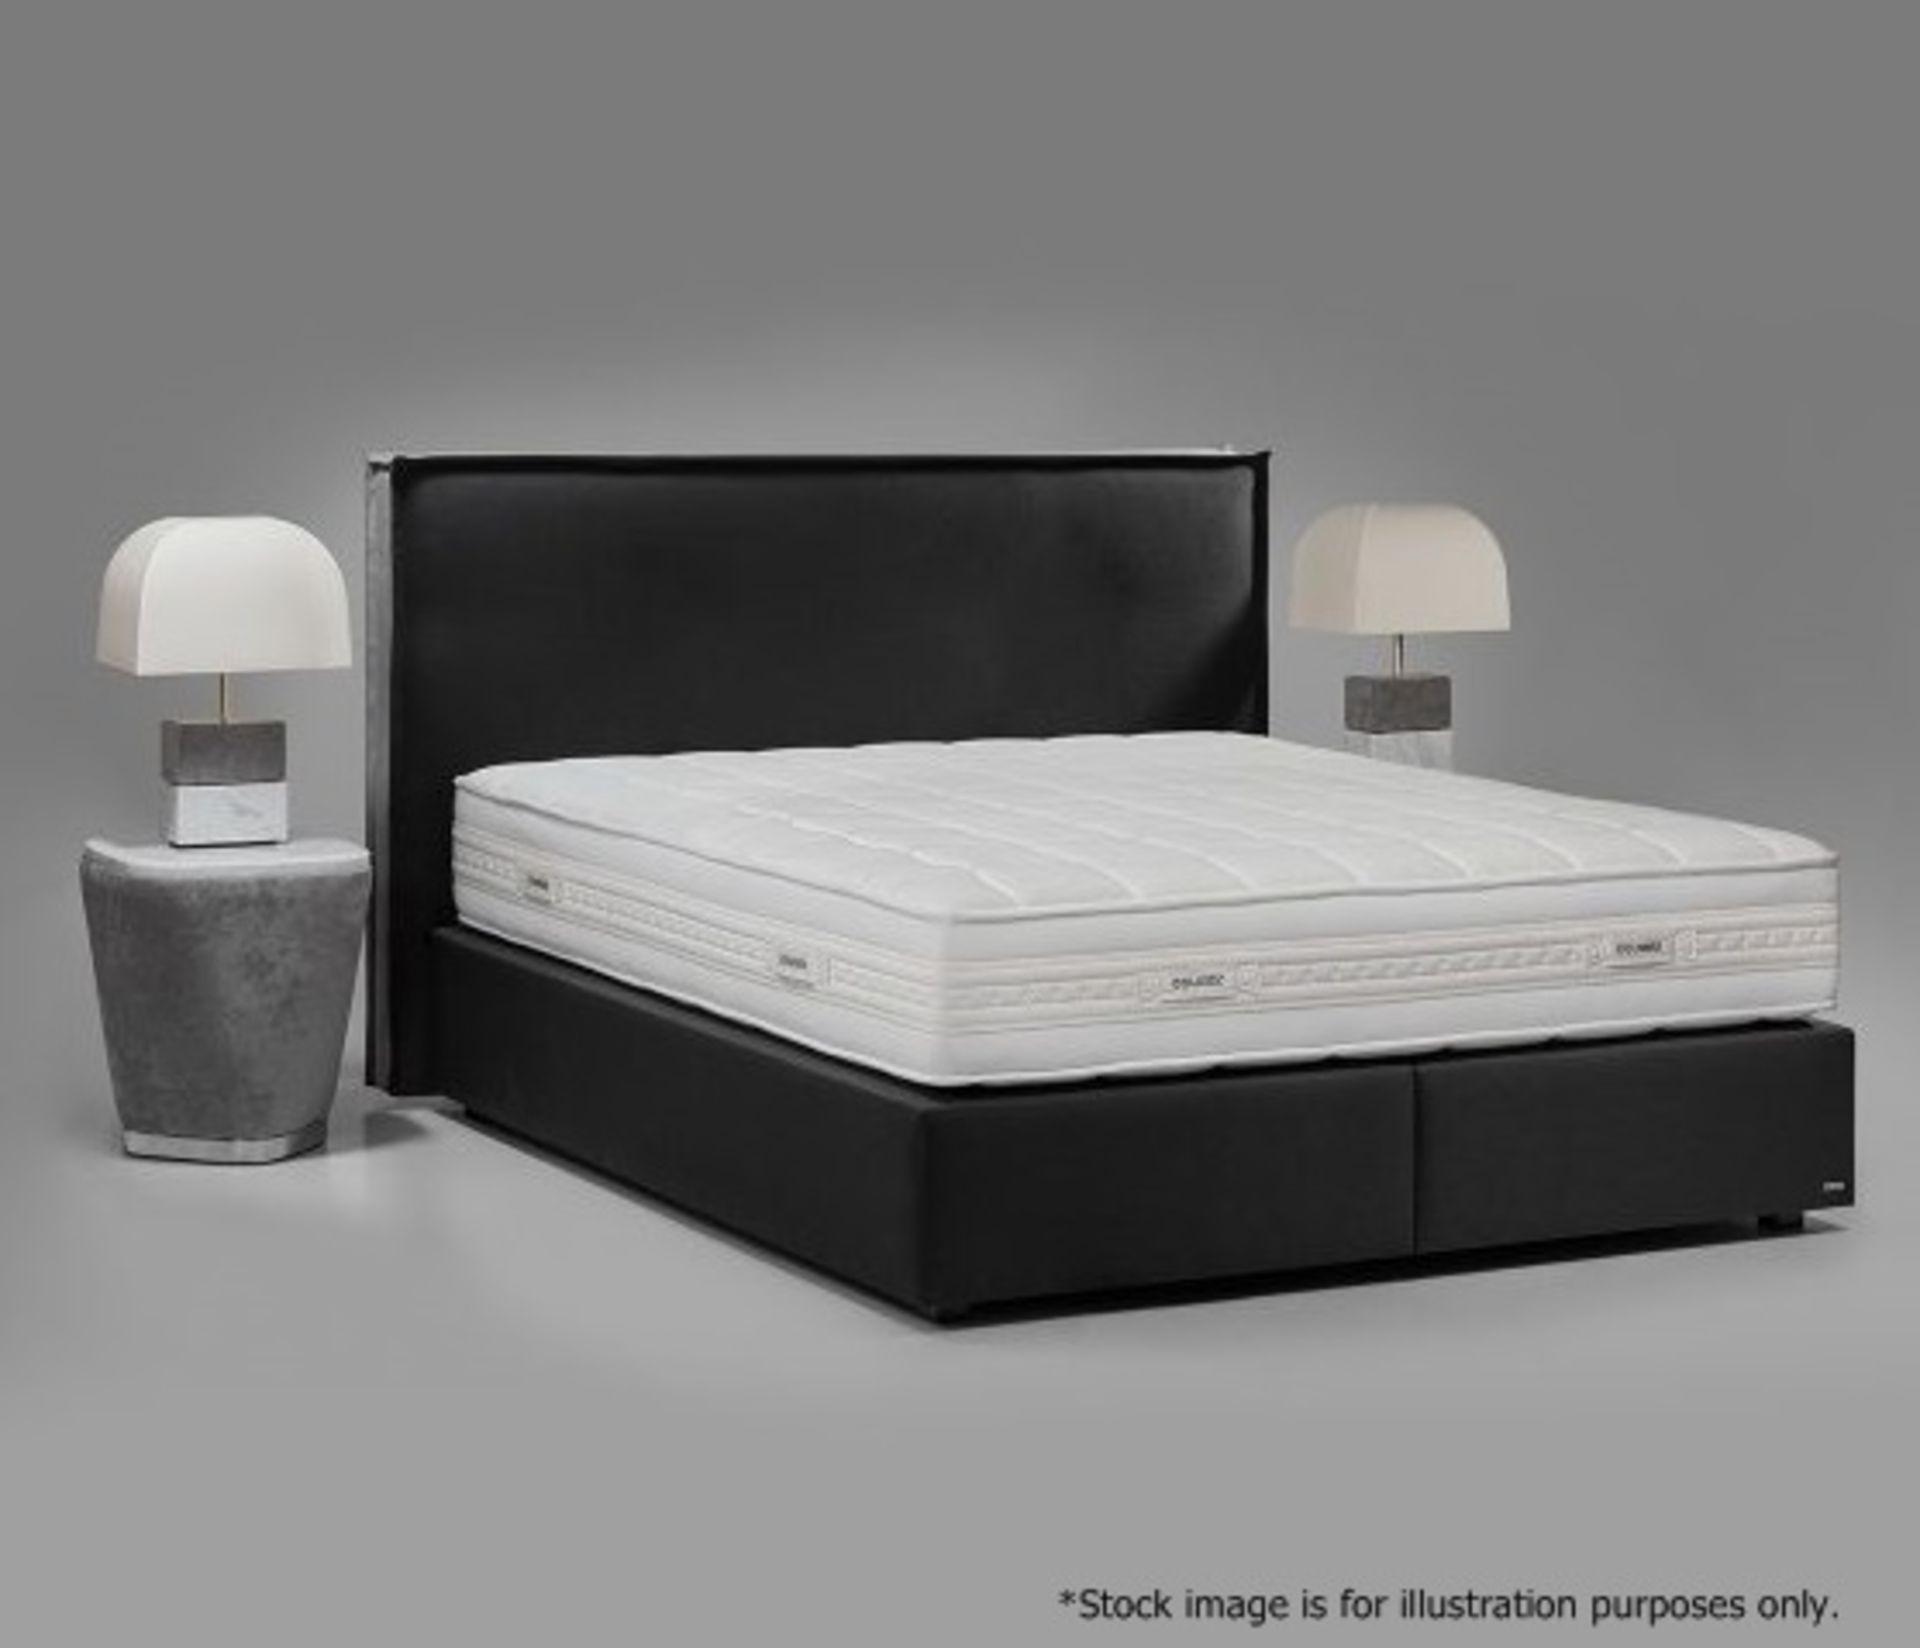 1 x COLUNEX 'Elite' Super Kingsize Divan Bed Base Upholstered In A Grey Leather - RRP £3,008